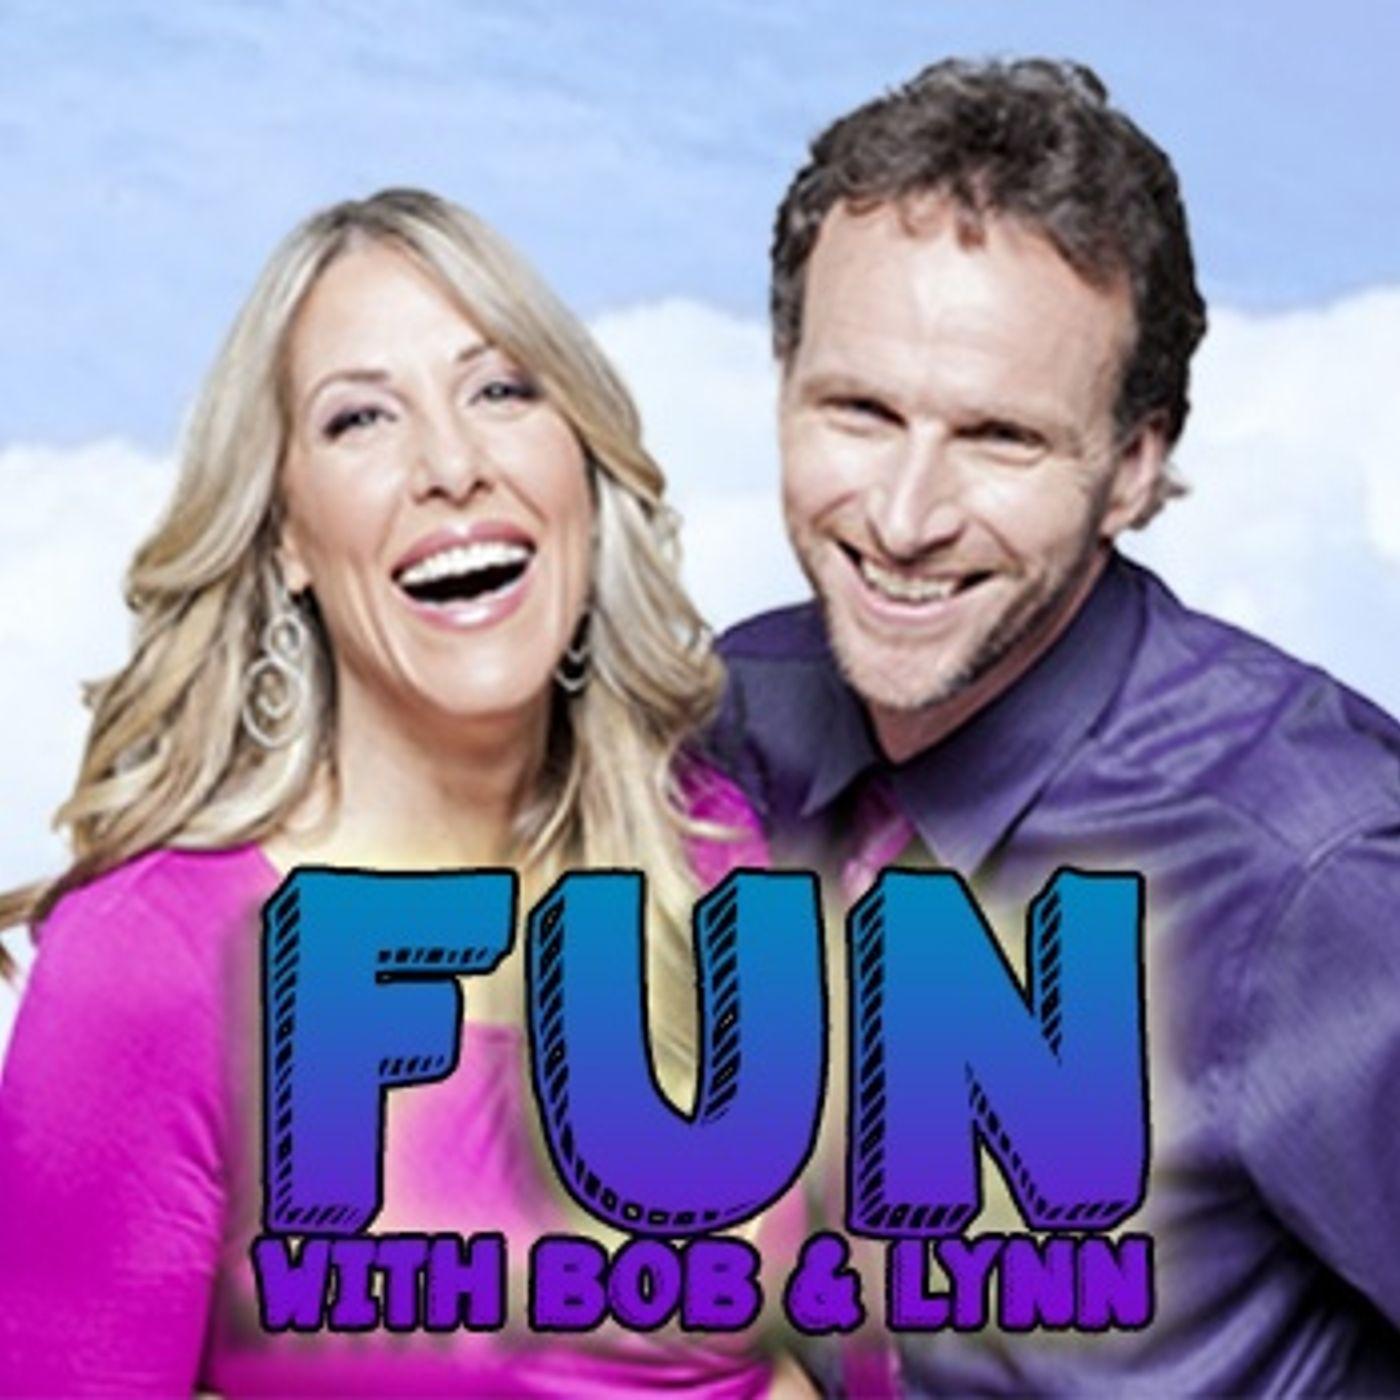 Fun With Bob and Lynn